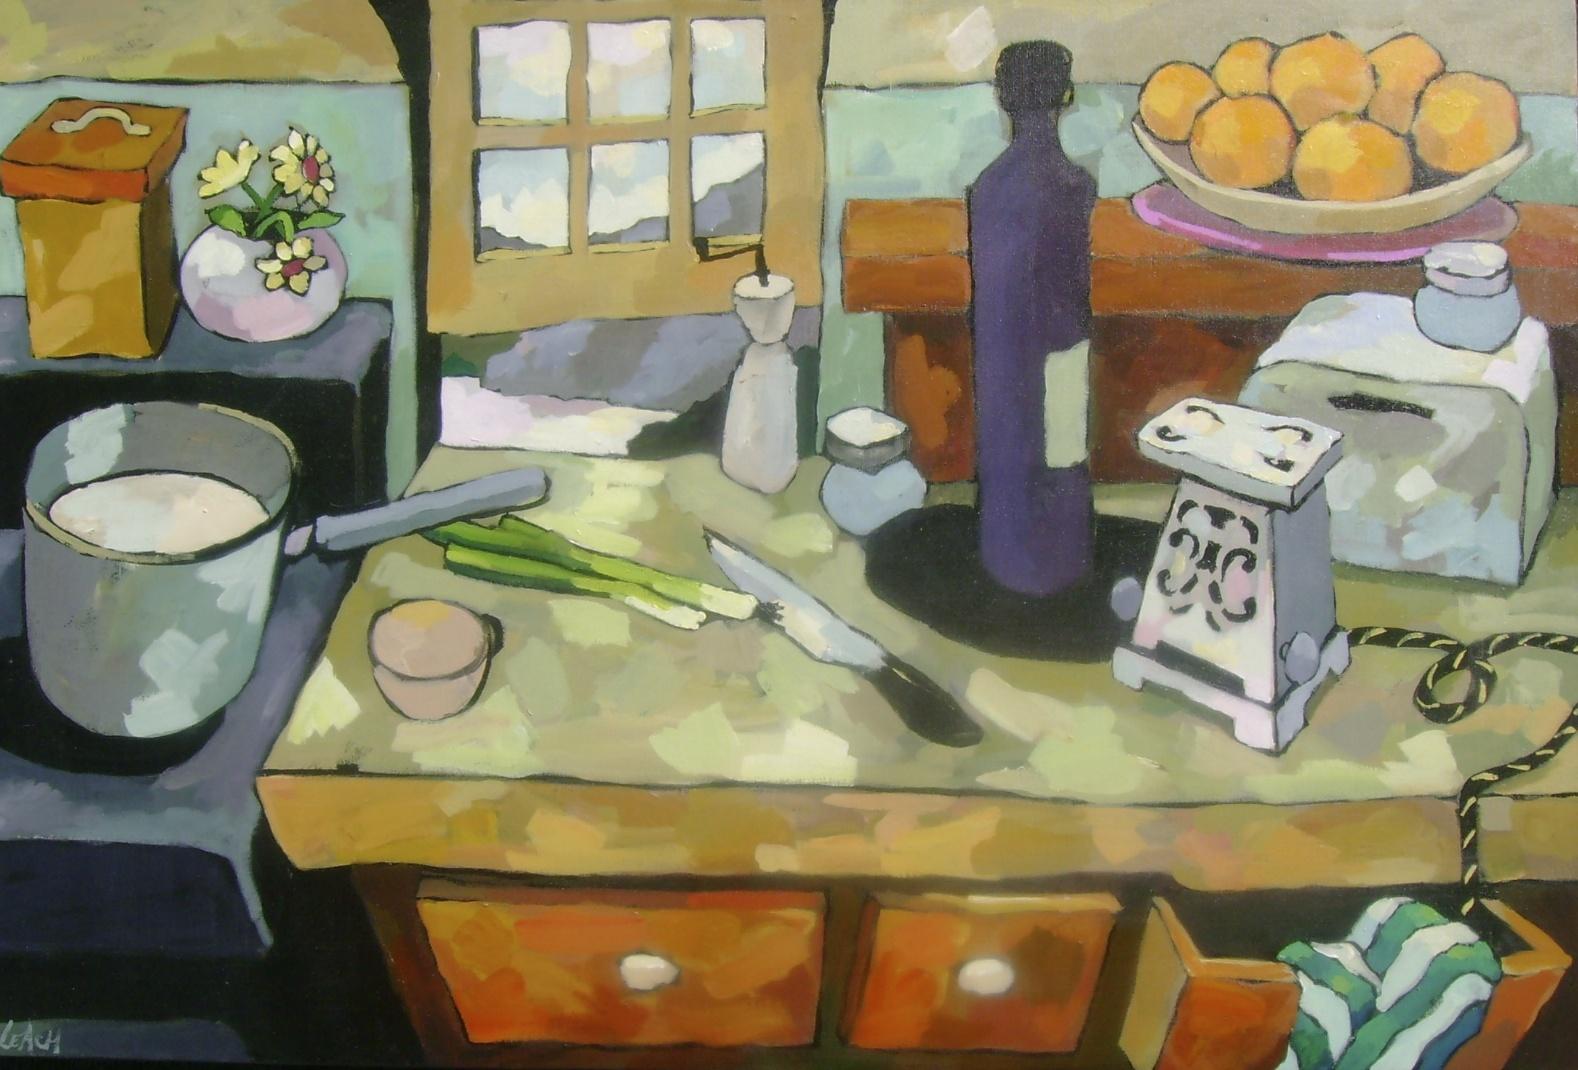 Kitchen Counter Series, 36 x 24